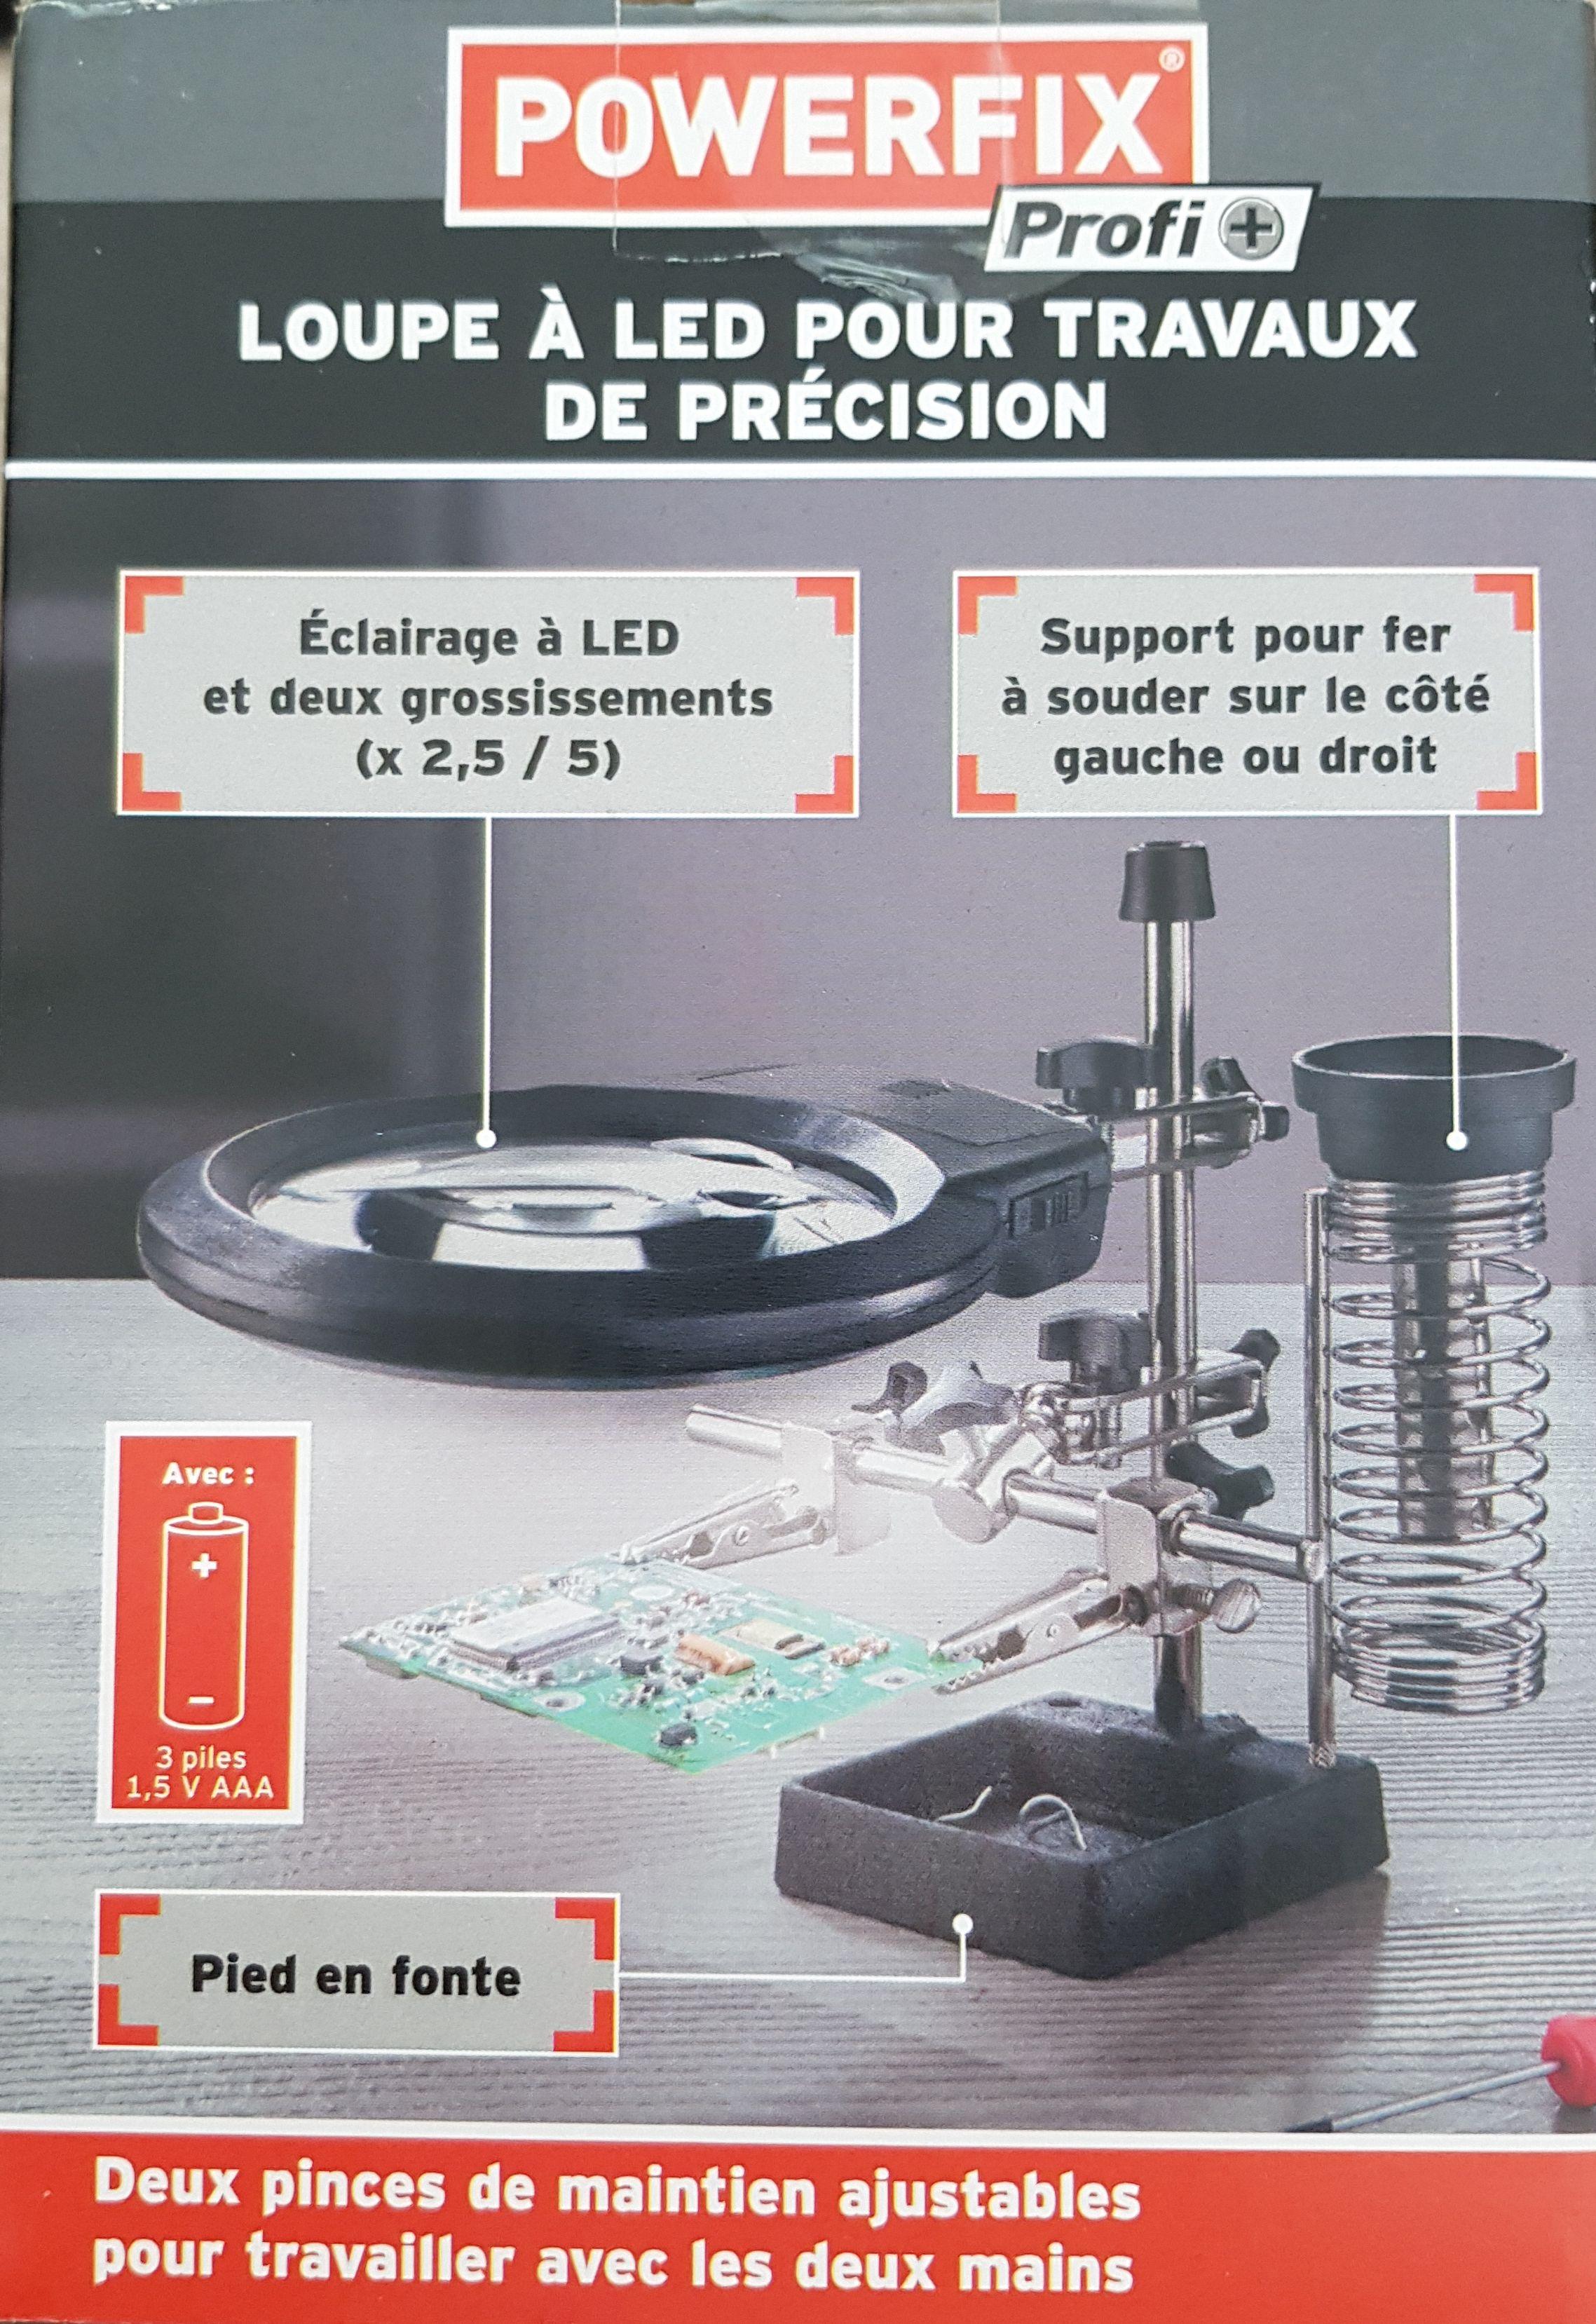 Loupe à LED Powerfix pour travaux de précision - Créteil (94)